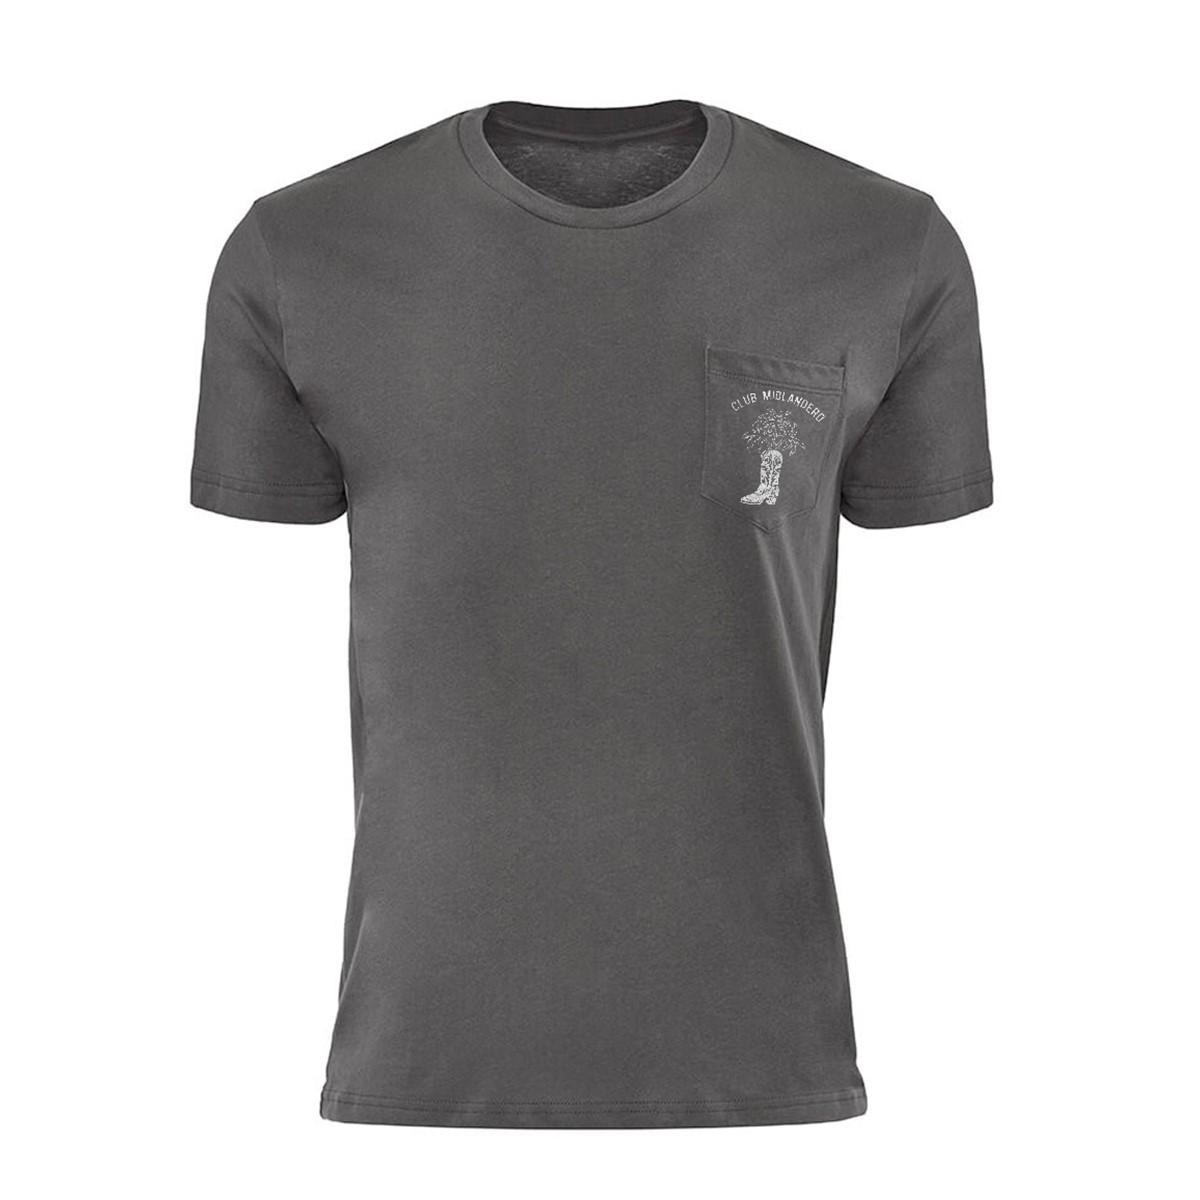 Club Midlandero T-shirt